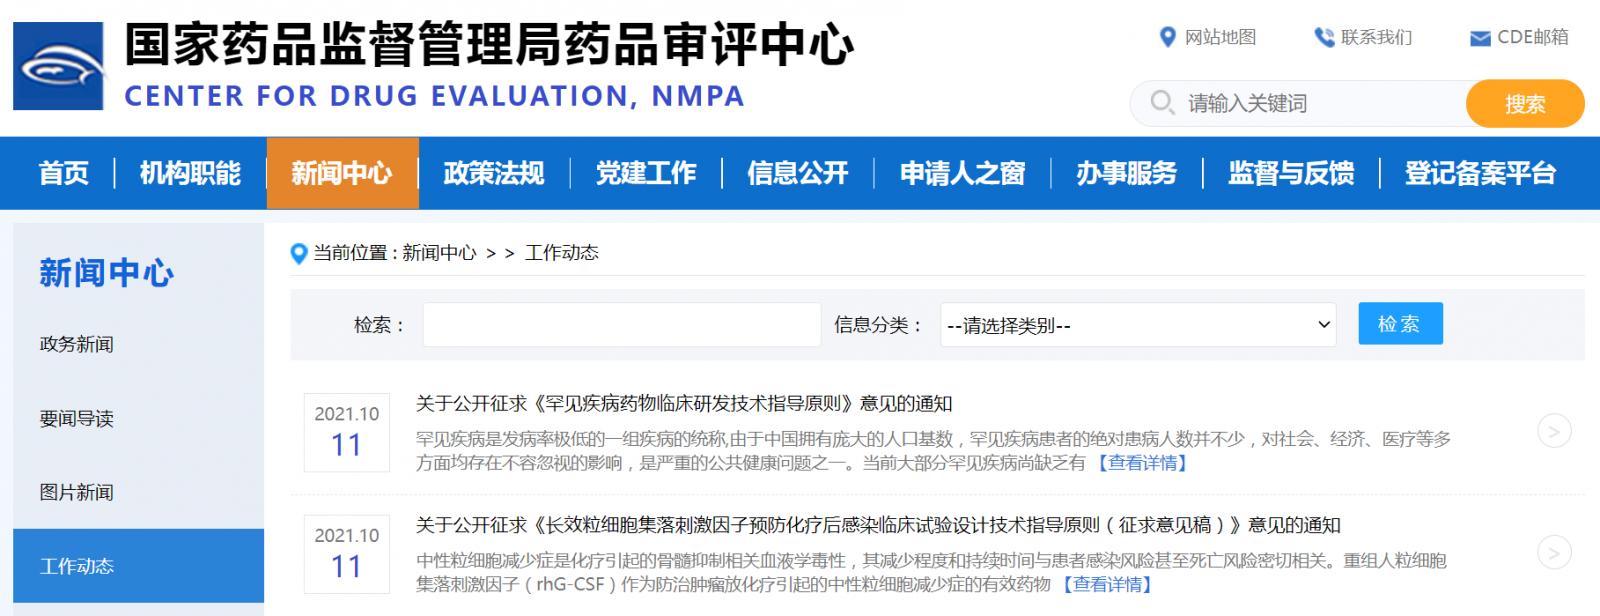 国家药品监督管理局药品审评中心